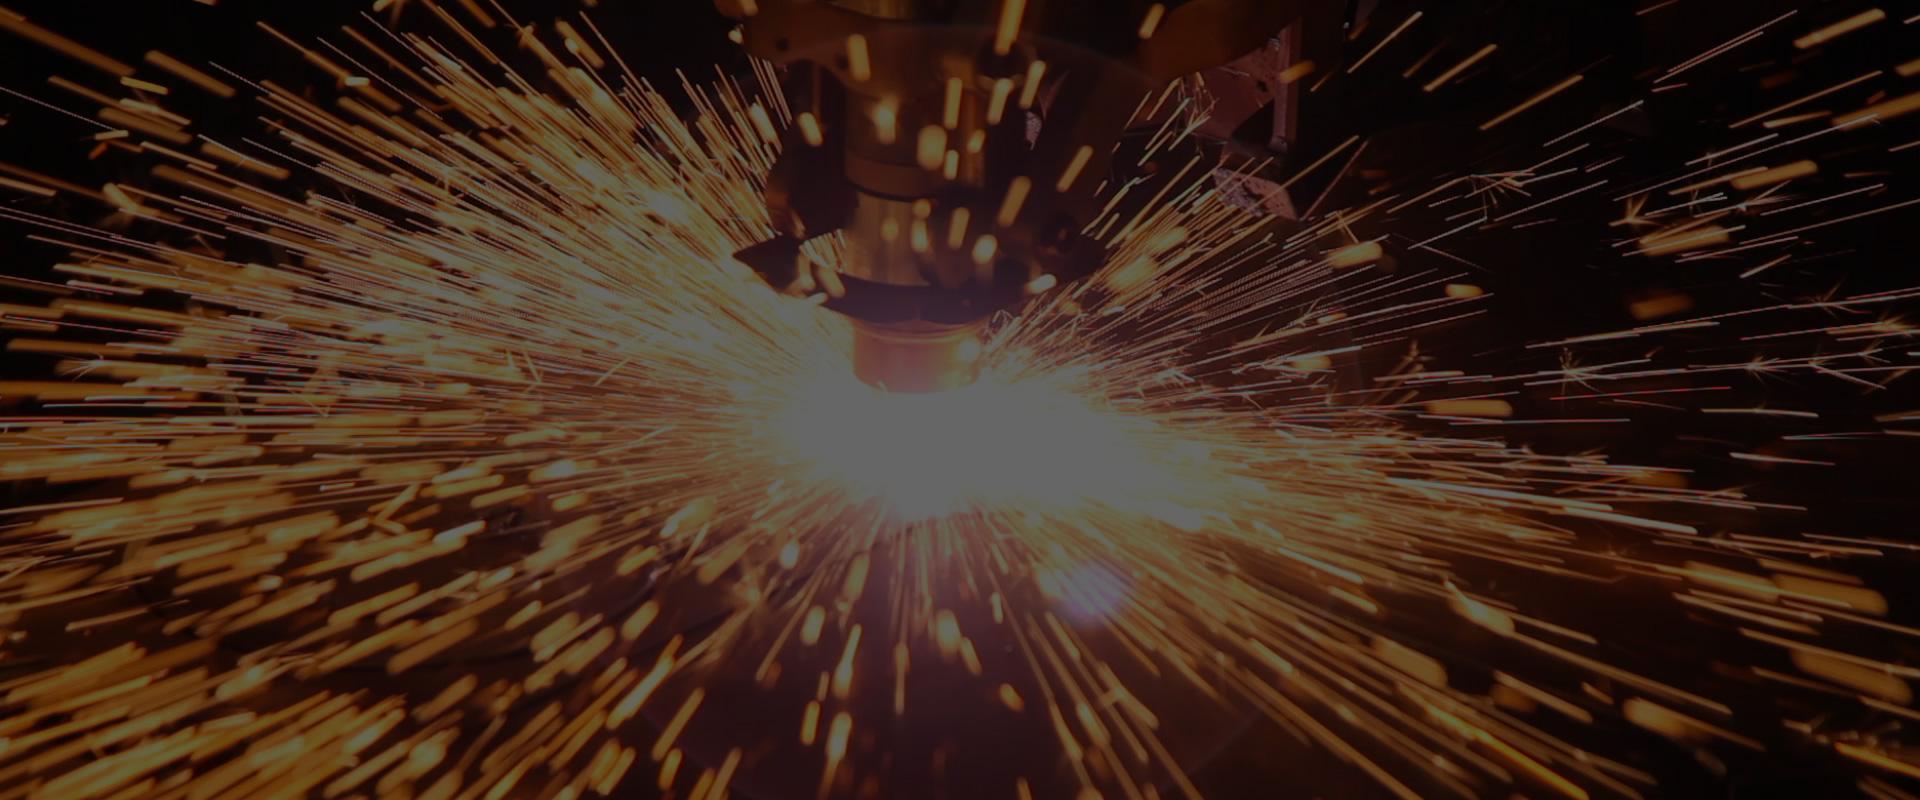 30 anni di esperienza nelle lavorazioni metalliche